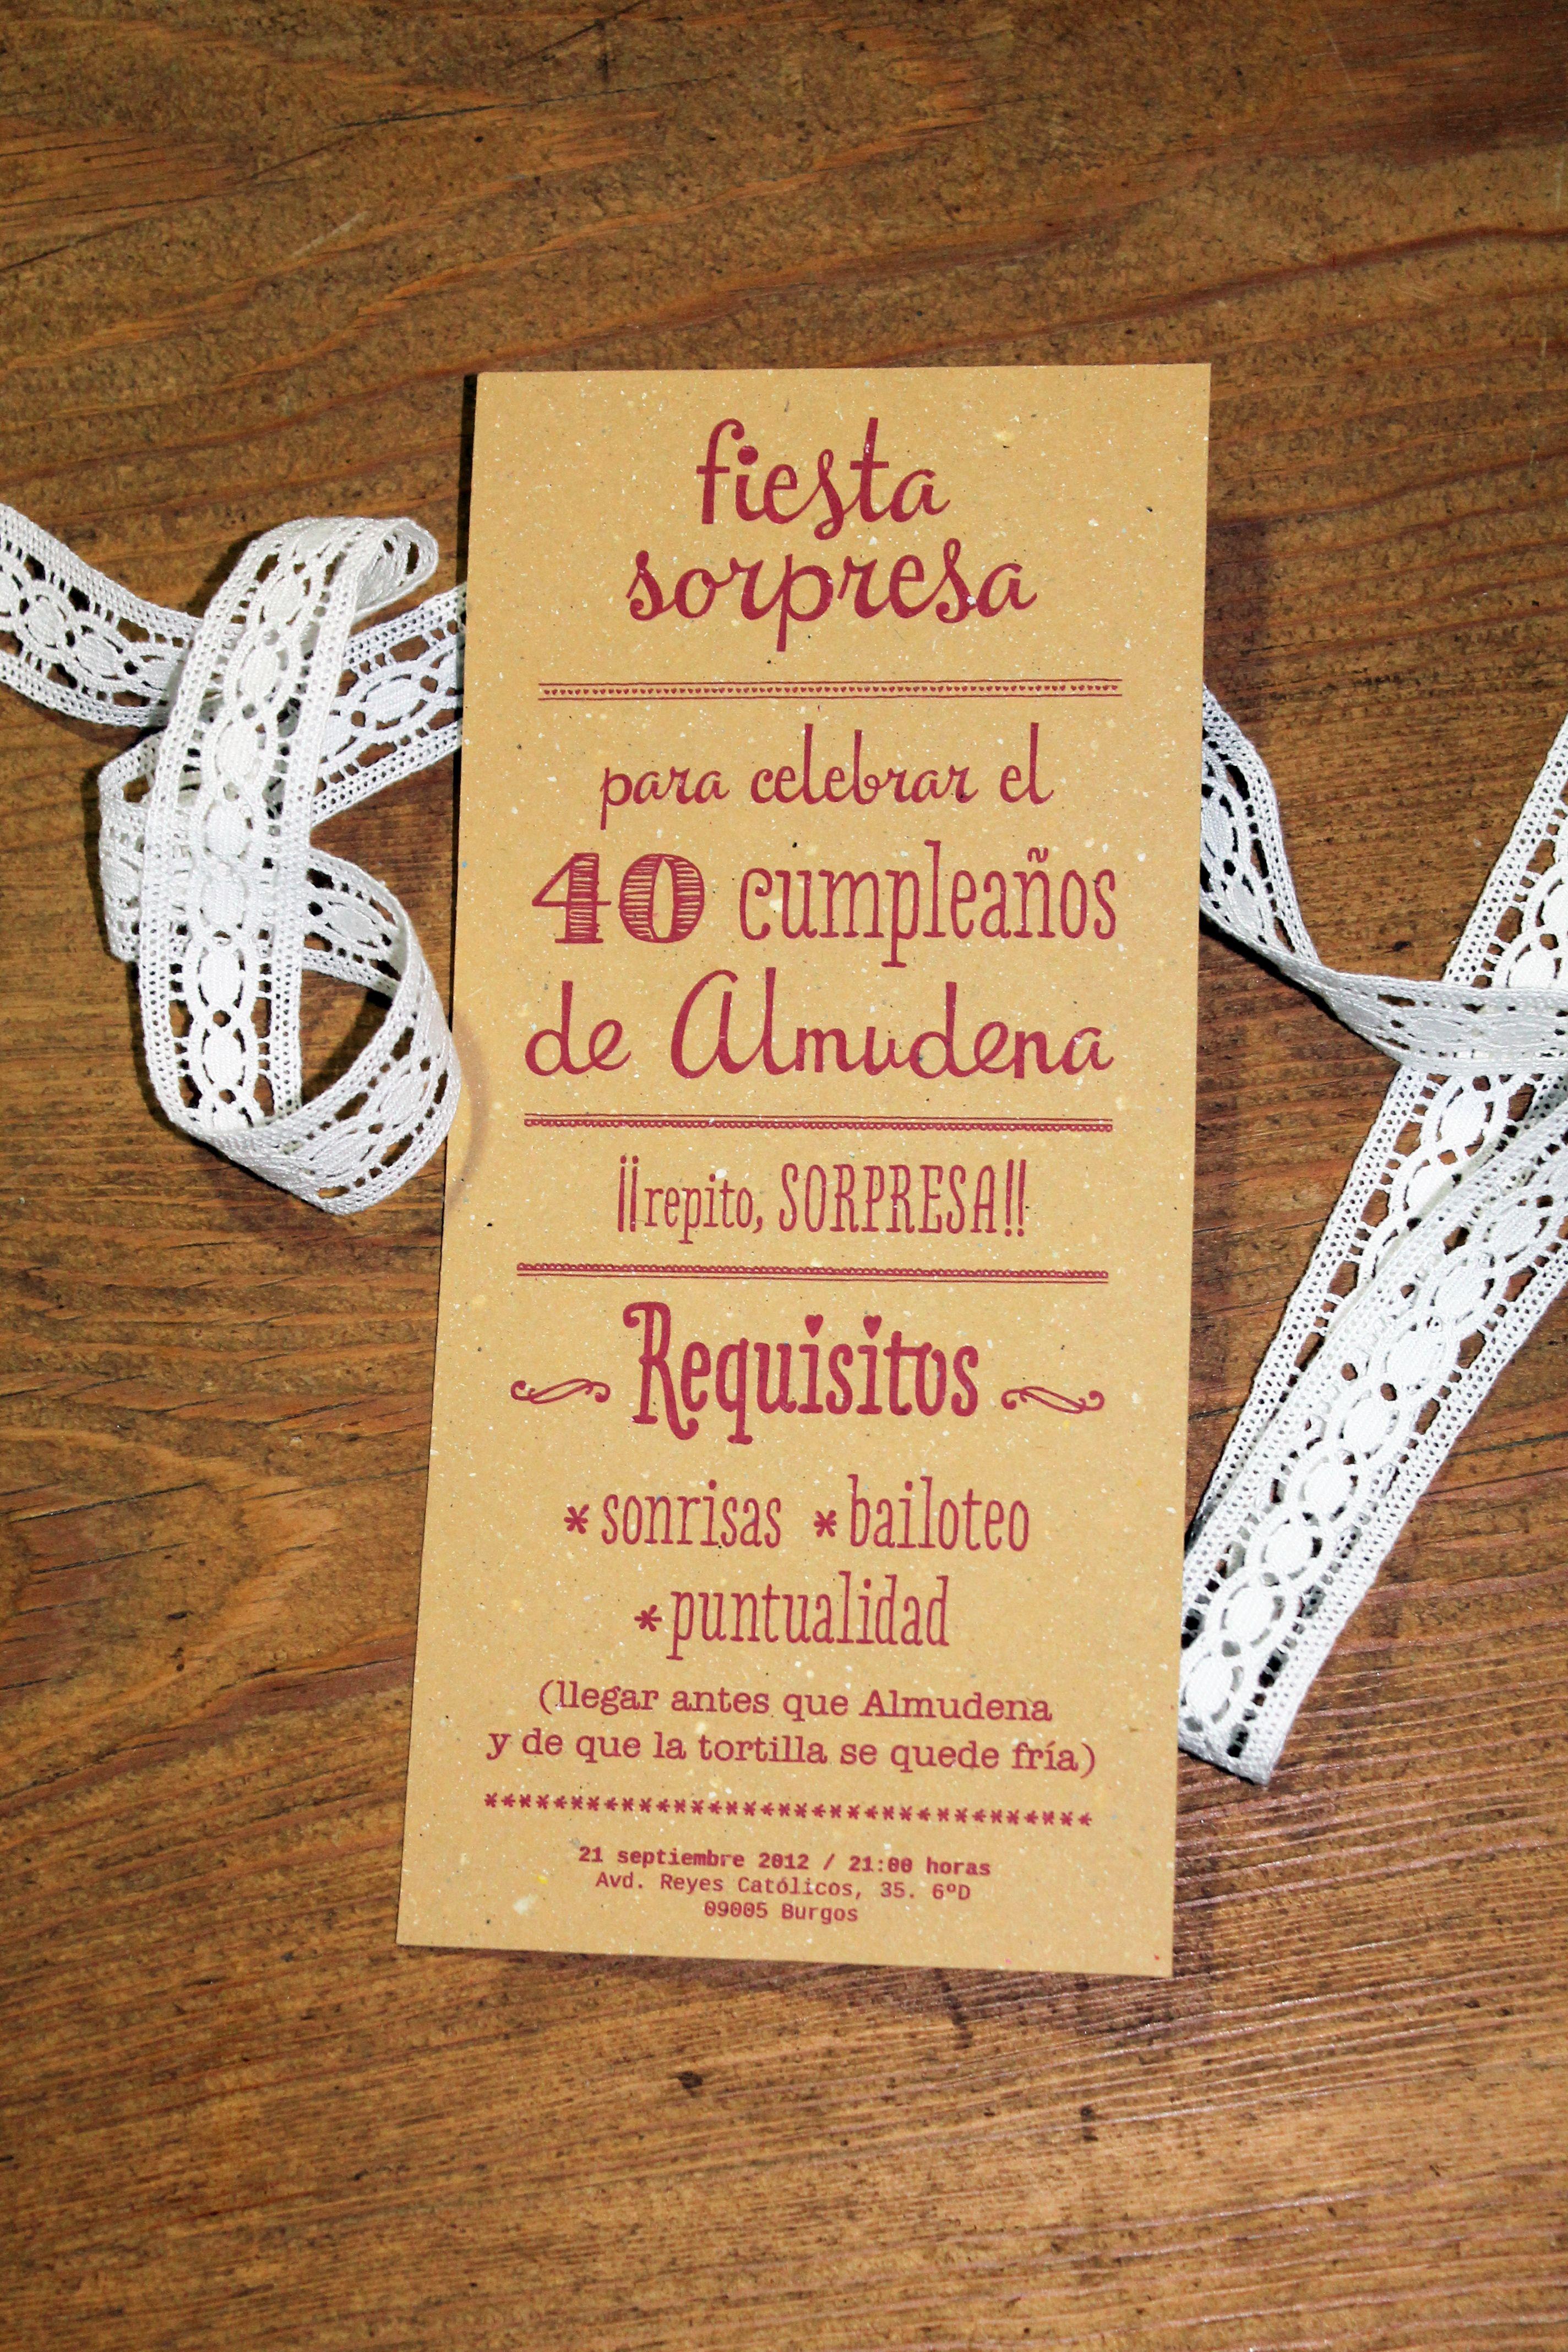 Invitación Para La Fiesta Sorpresa De Almudena